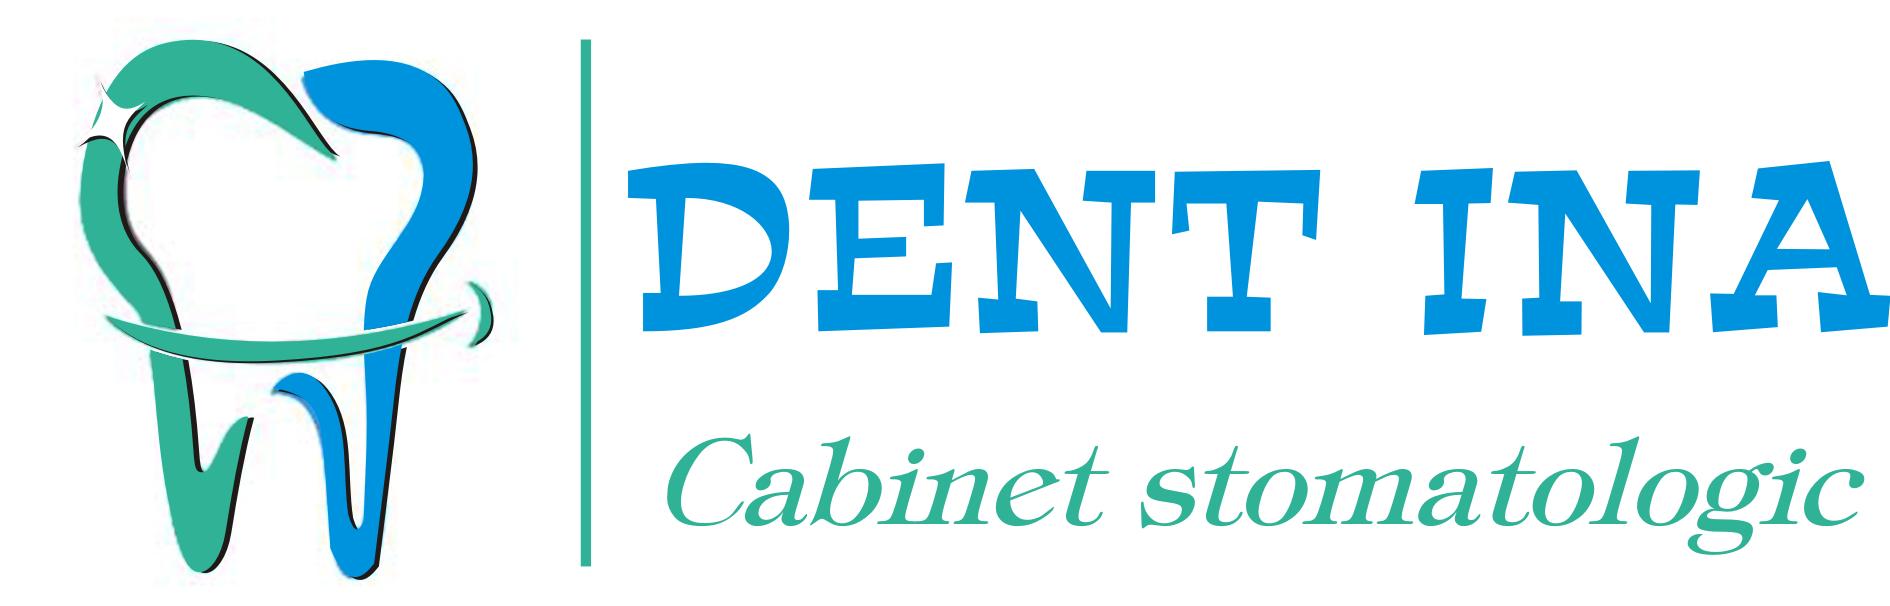 Cabinet Stomatologic DENT INA